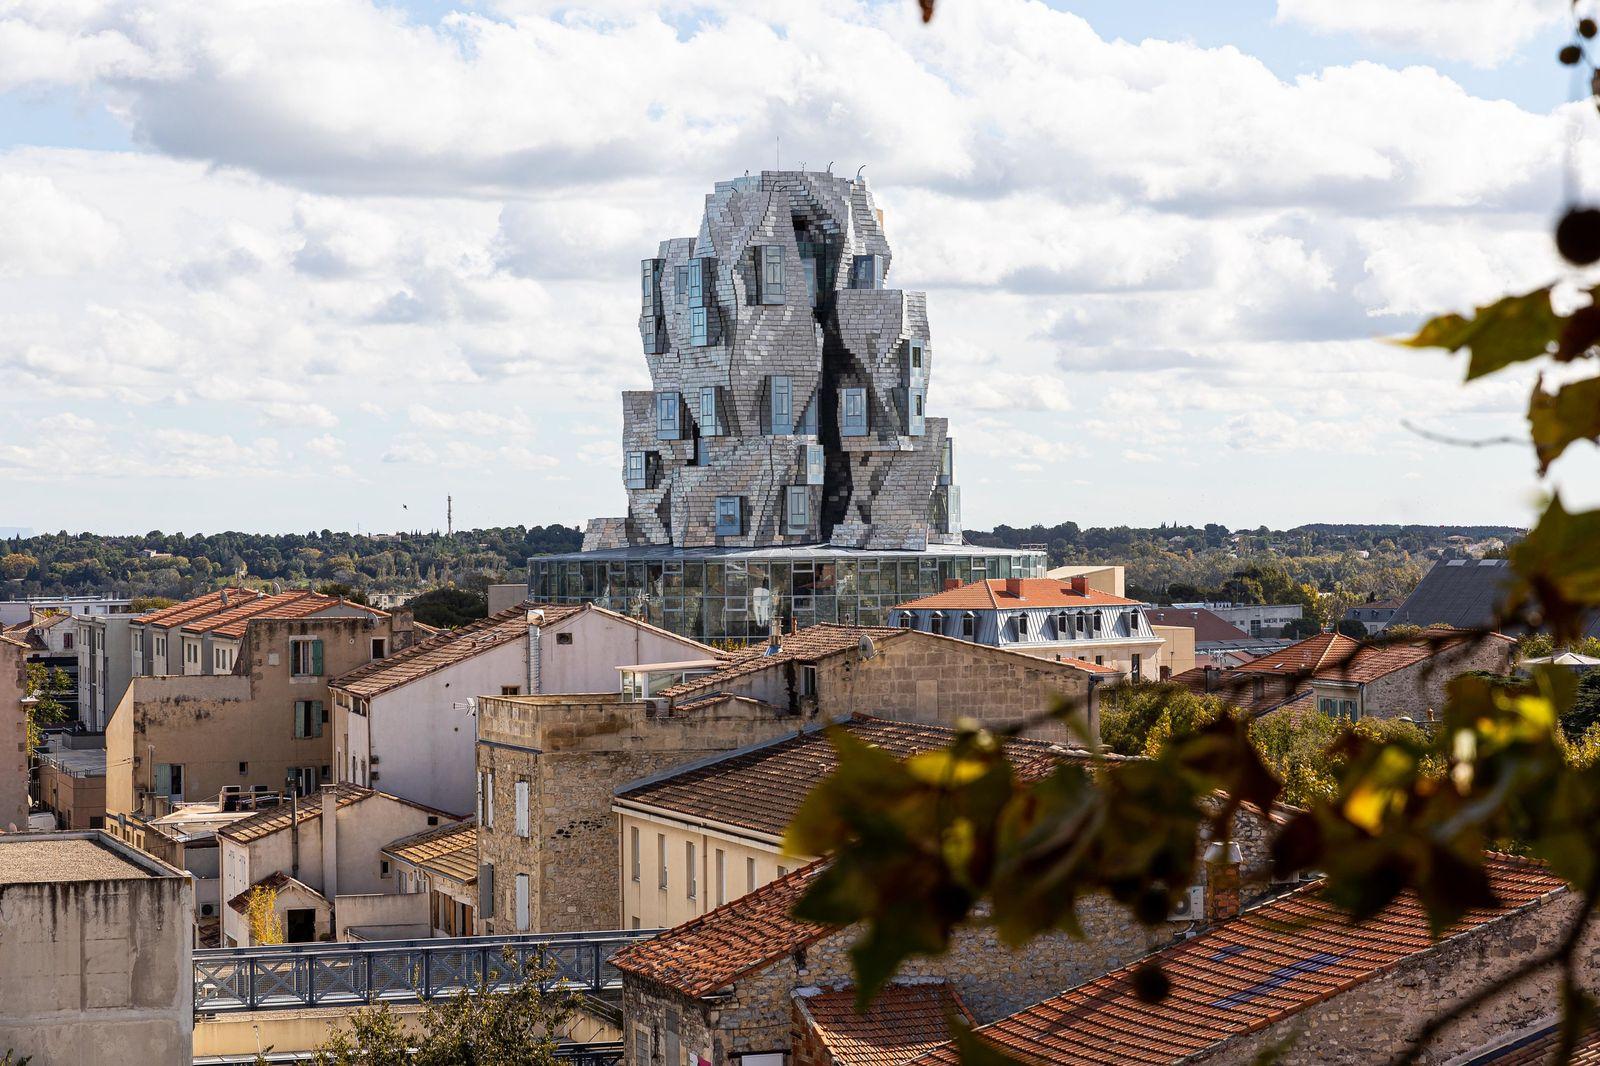 Ausstellungskomplex in Arles eröffnet